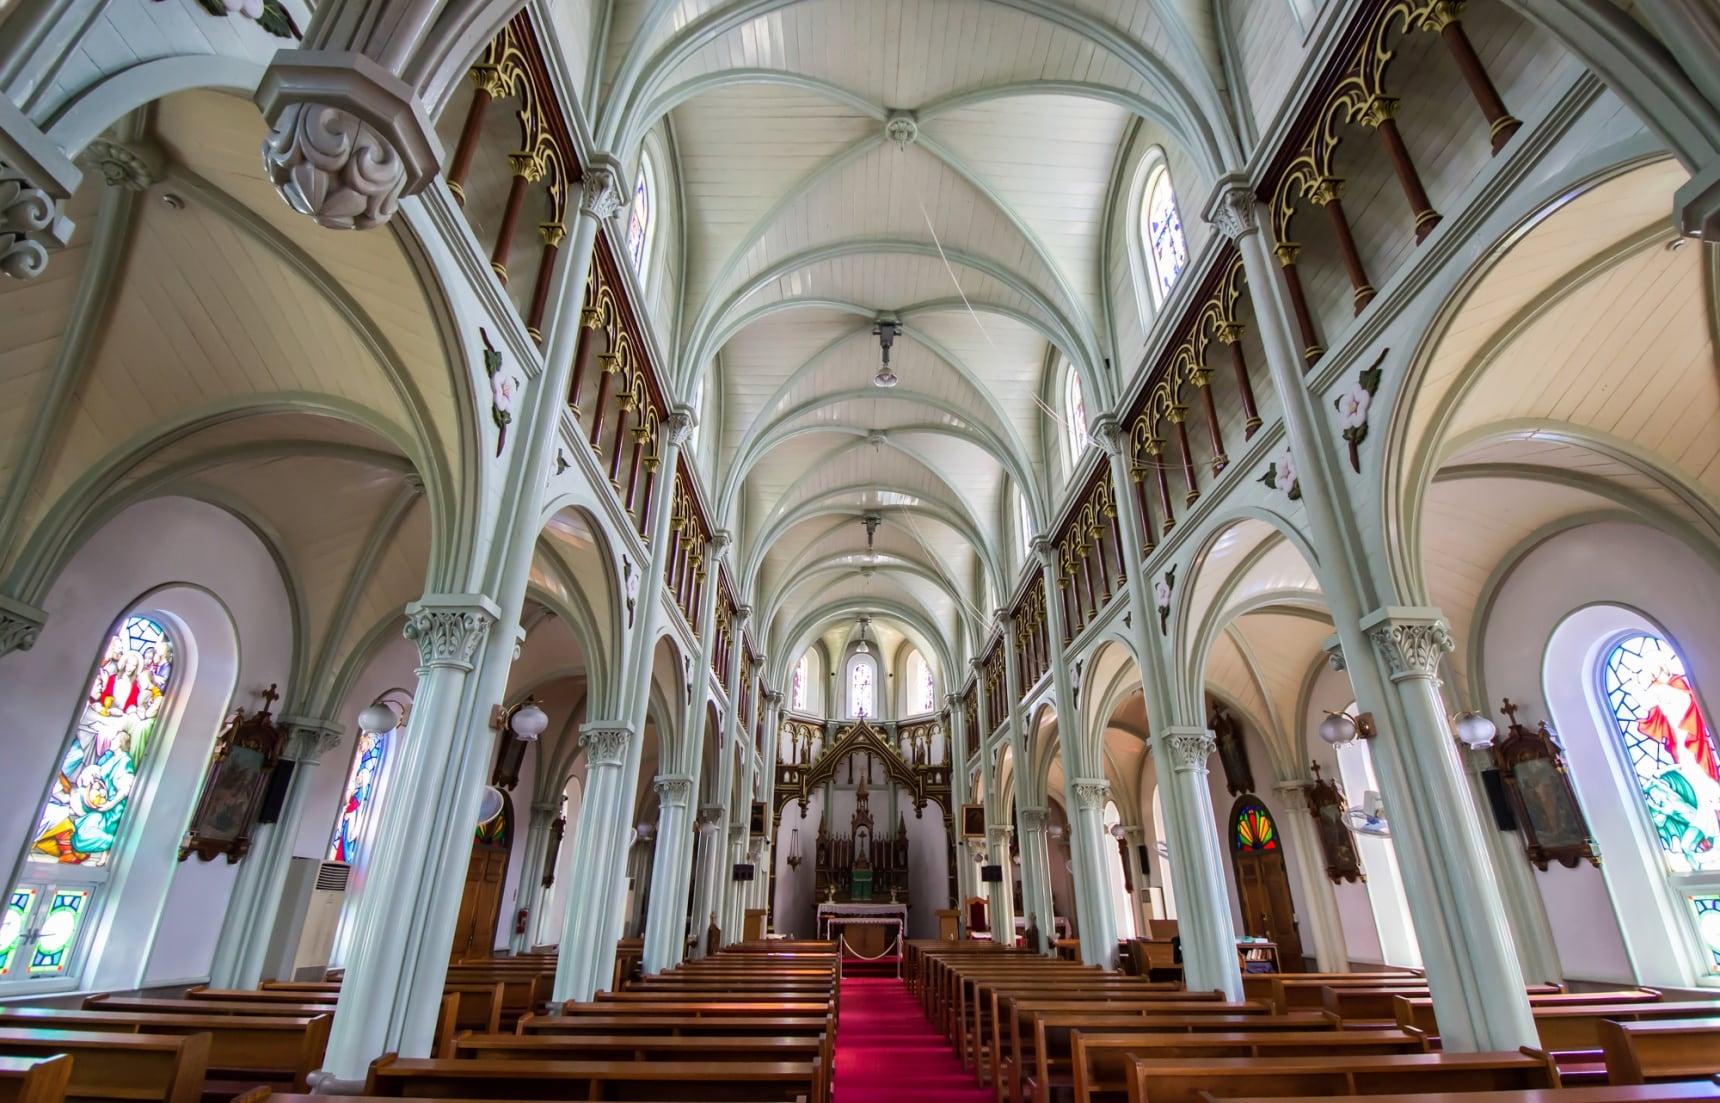 信仰之地重现 | 2017日本长崎教堂深度游巡礼